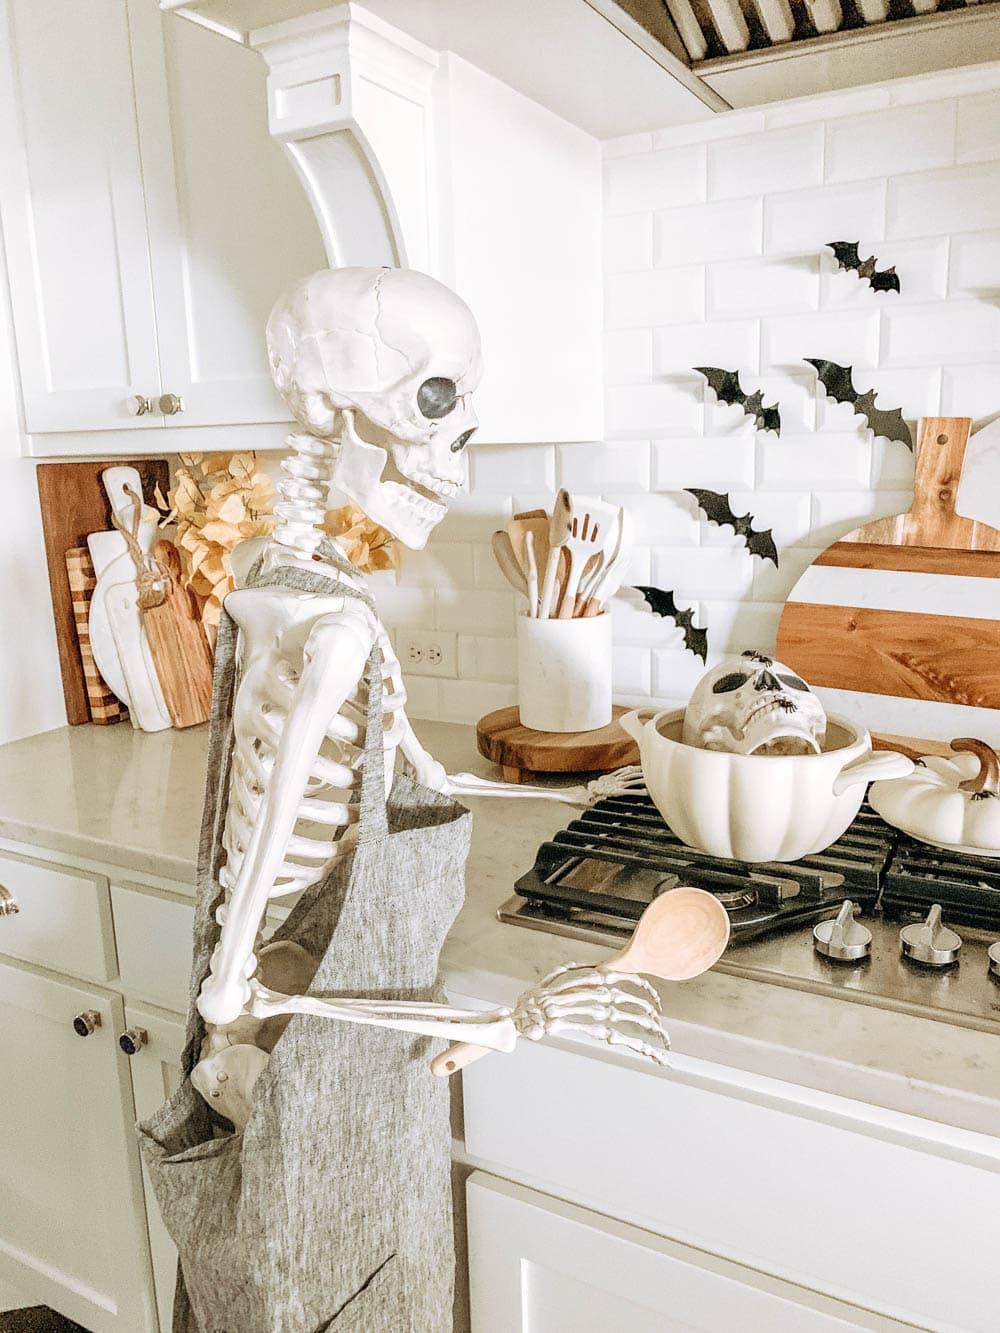 Posable skeleton cooking in a kitchen. Halloween decor ideas. #ABlissfulNest #halloween #halloweendecor